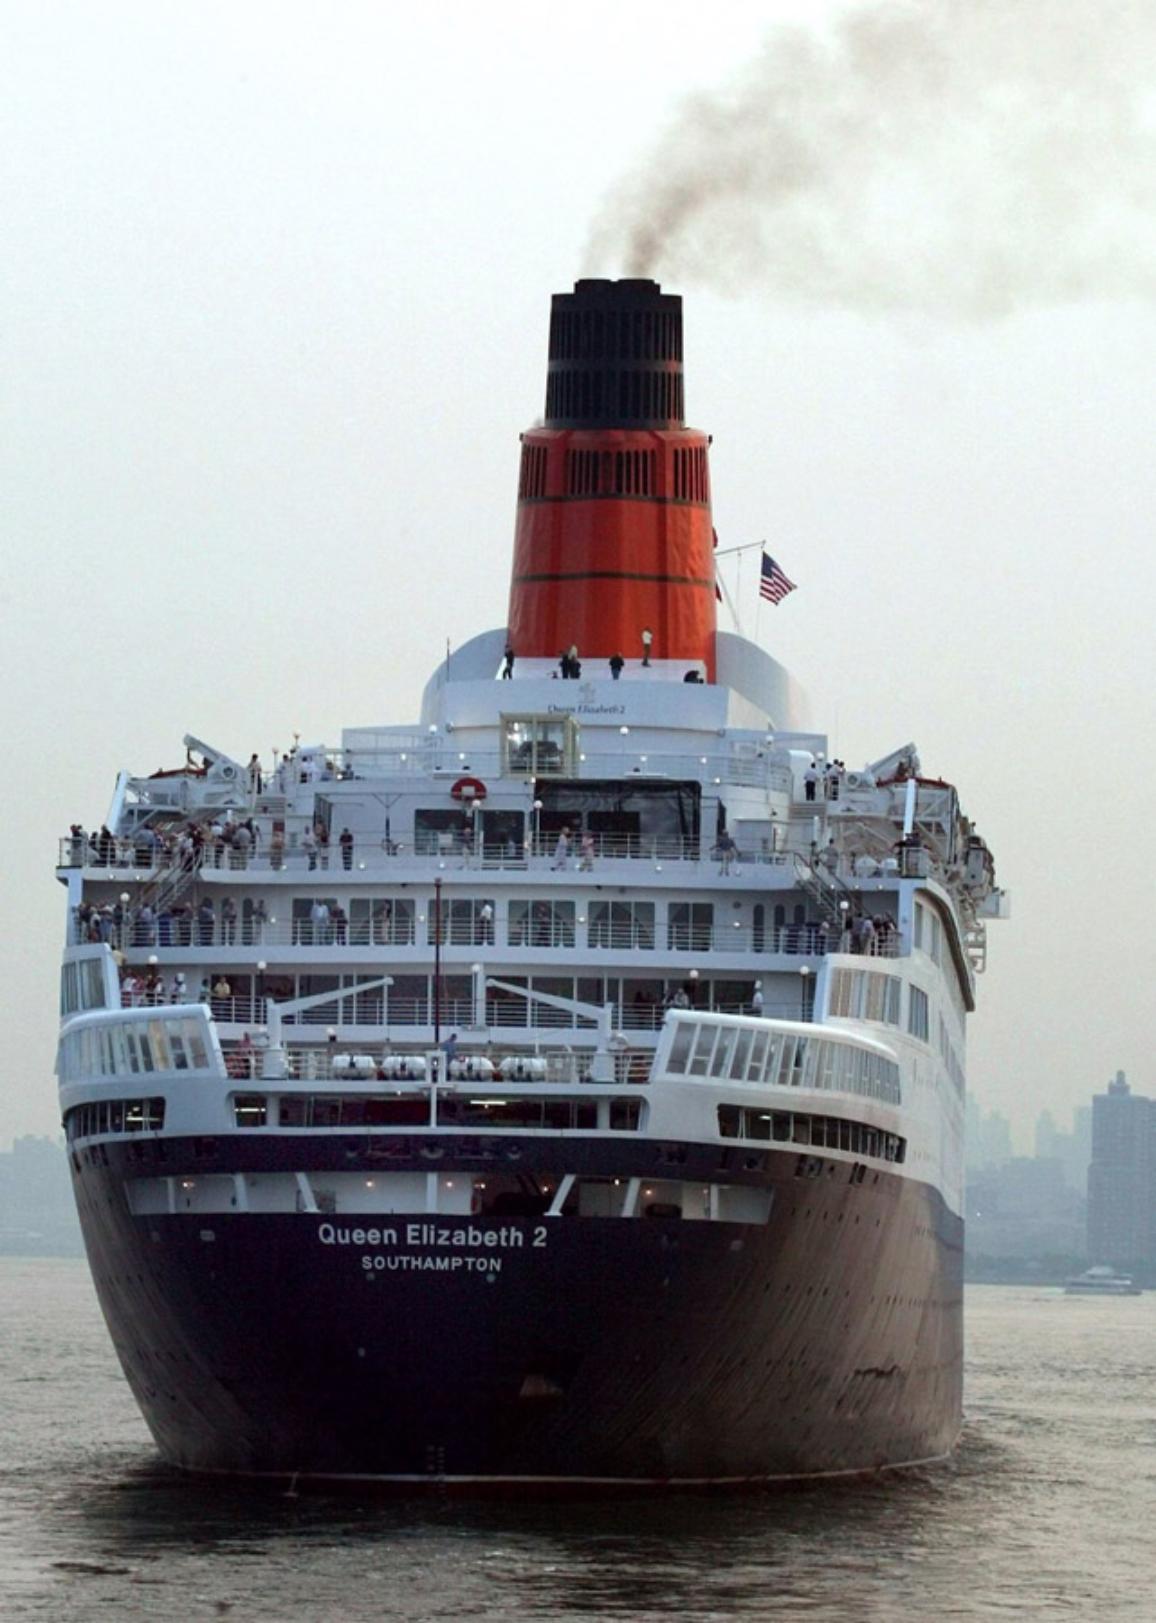 Vasul de croazieră Queen Elizabeth 2 © BELGA_DPA_Harry Melchert